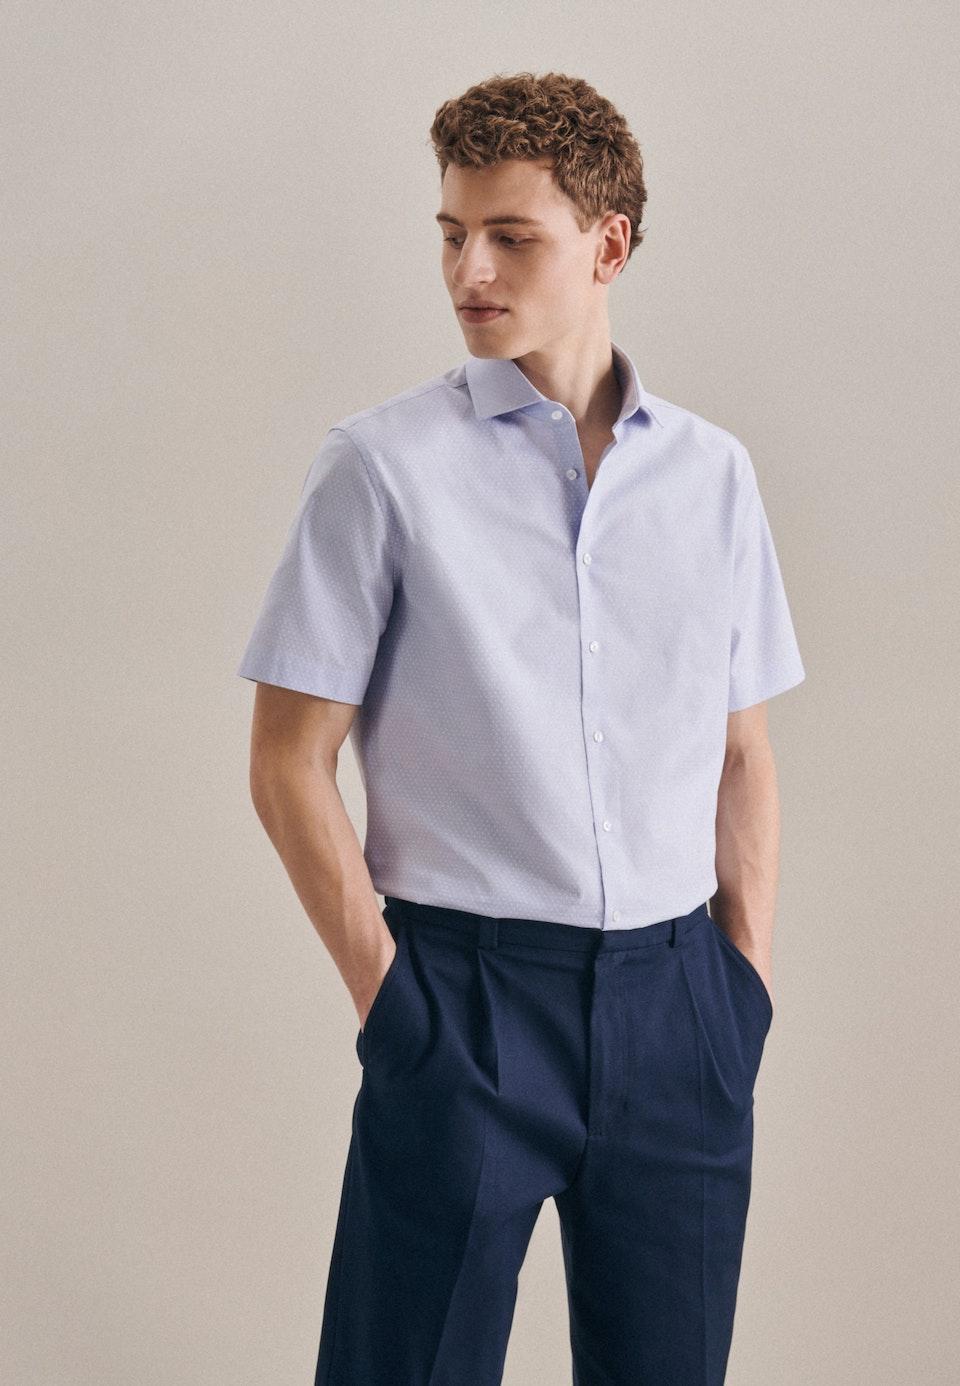 Bügelleichtes Oxford Kurzarm Business Hemd in Shaped mit Kentkragen in Hellblau |  Seidensticker Onlineshop